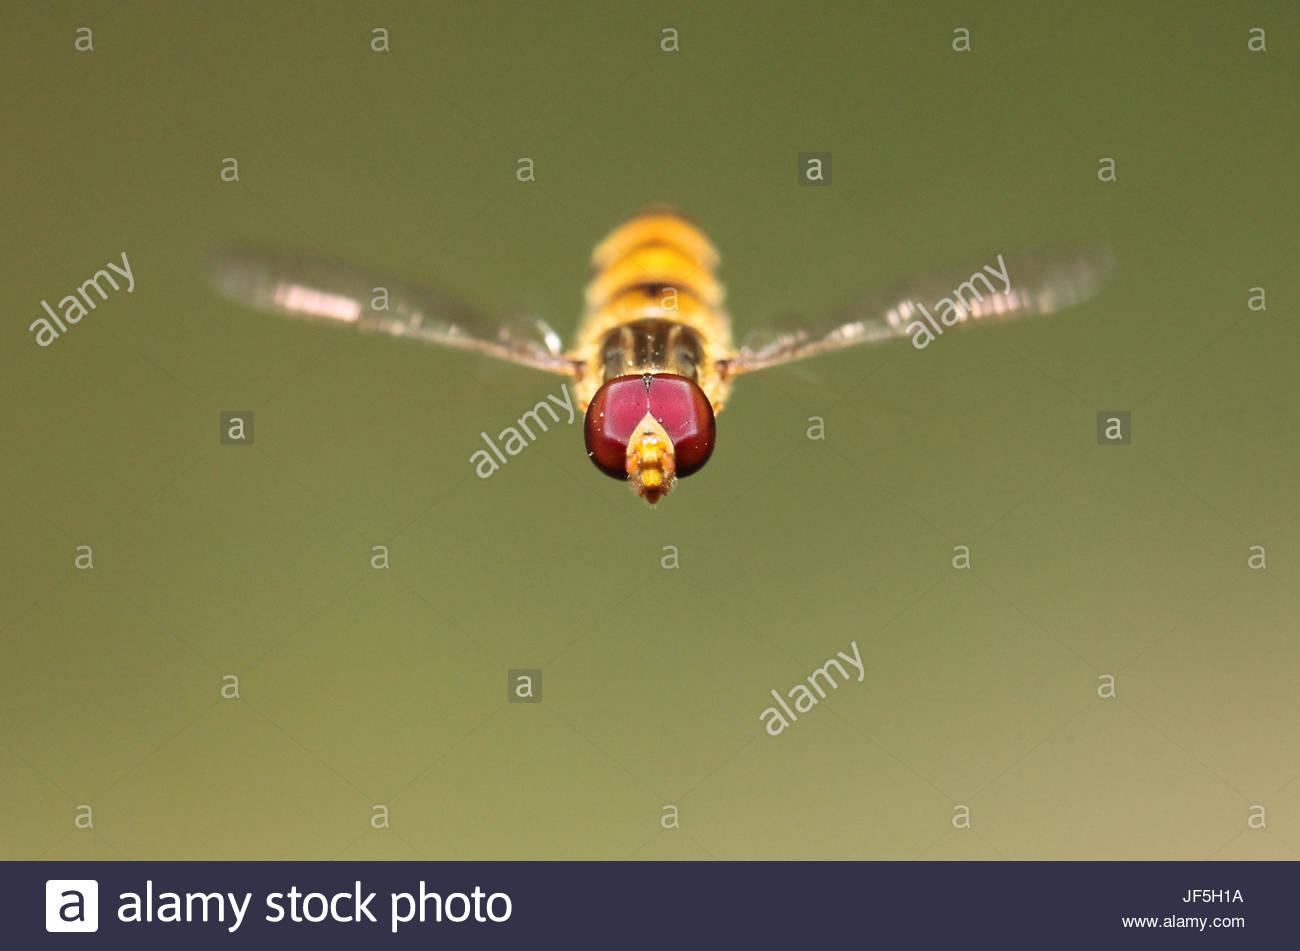 Portrait d'un syrphe vol stationnaire ou avec des grains de pollen sur ses yeux composés. Les dossiers Photo Stock